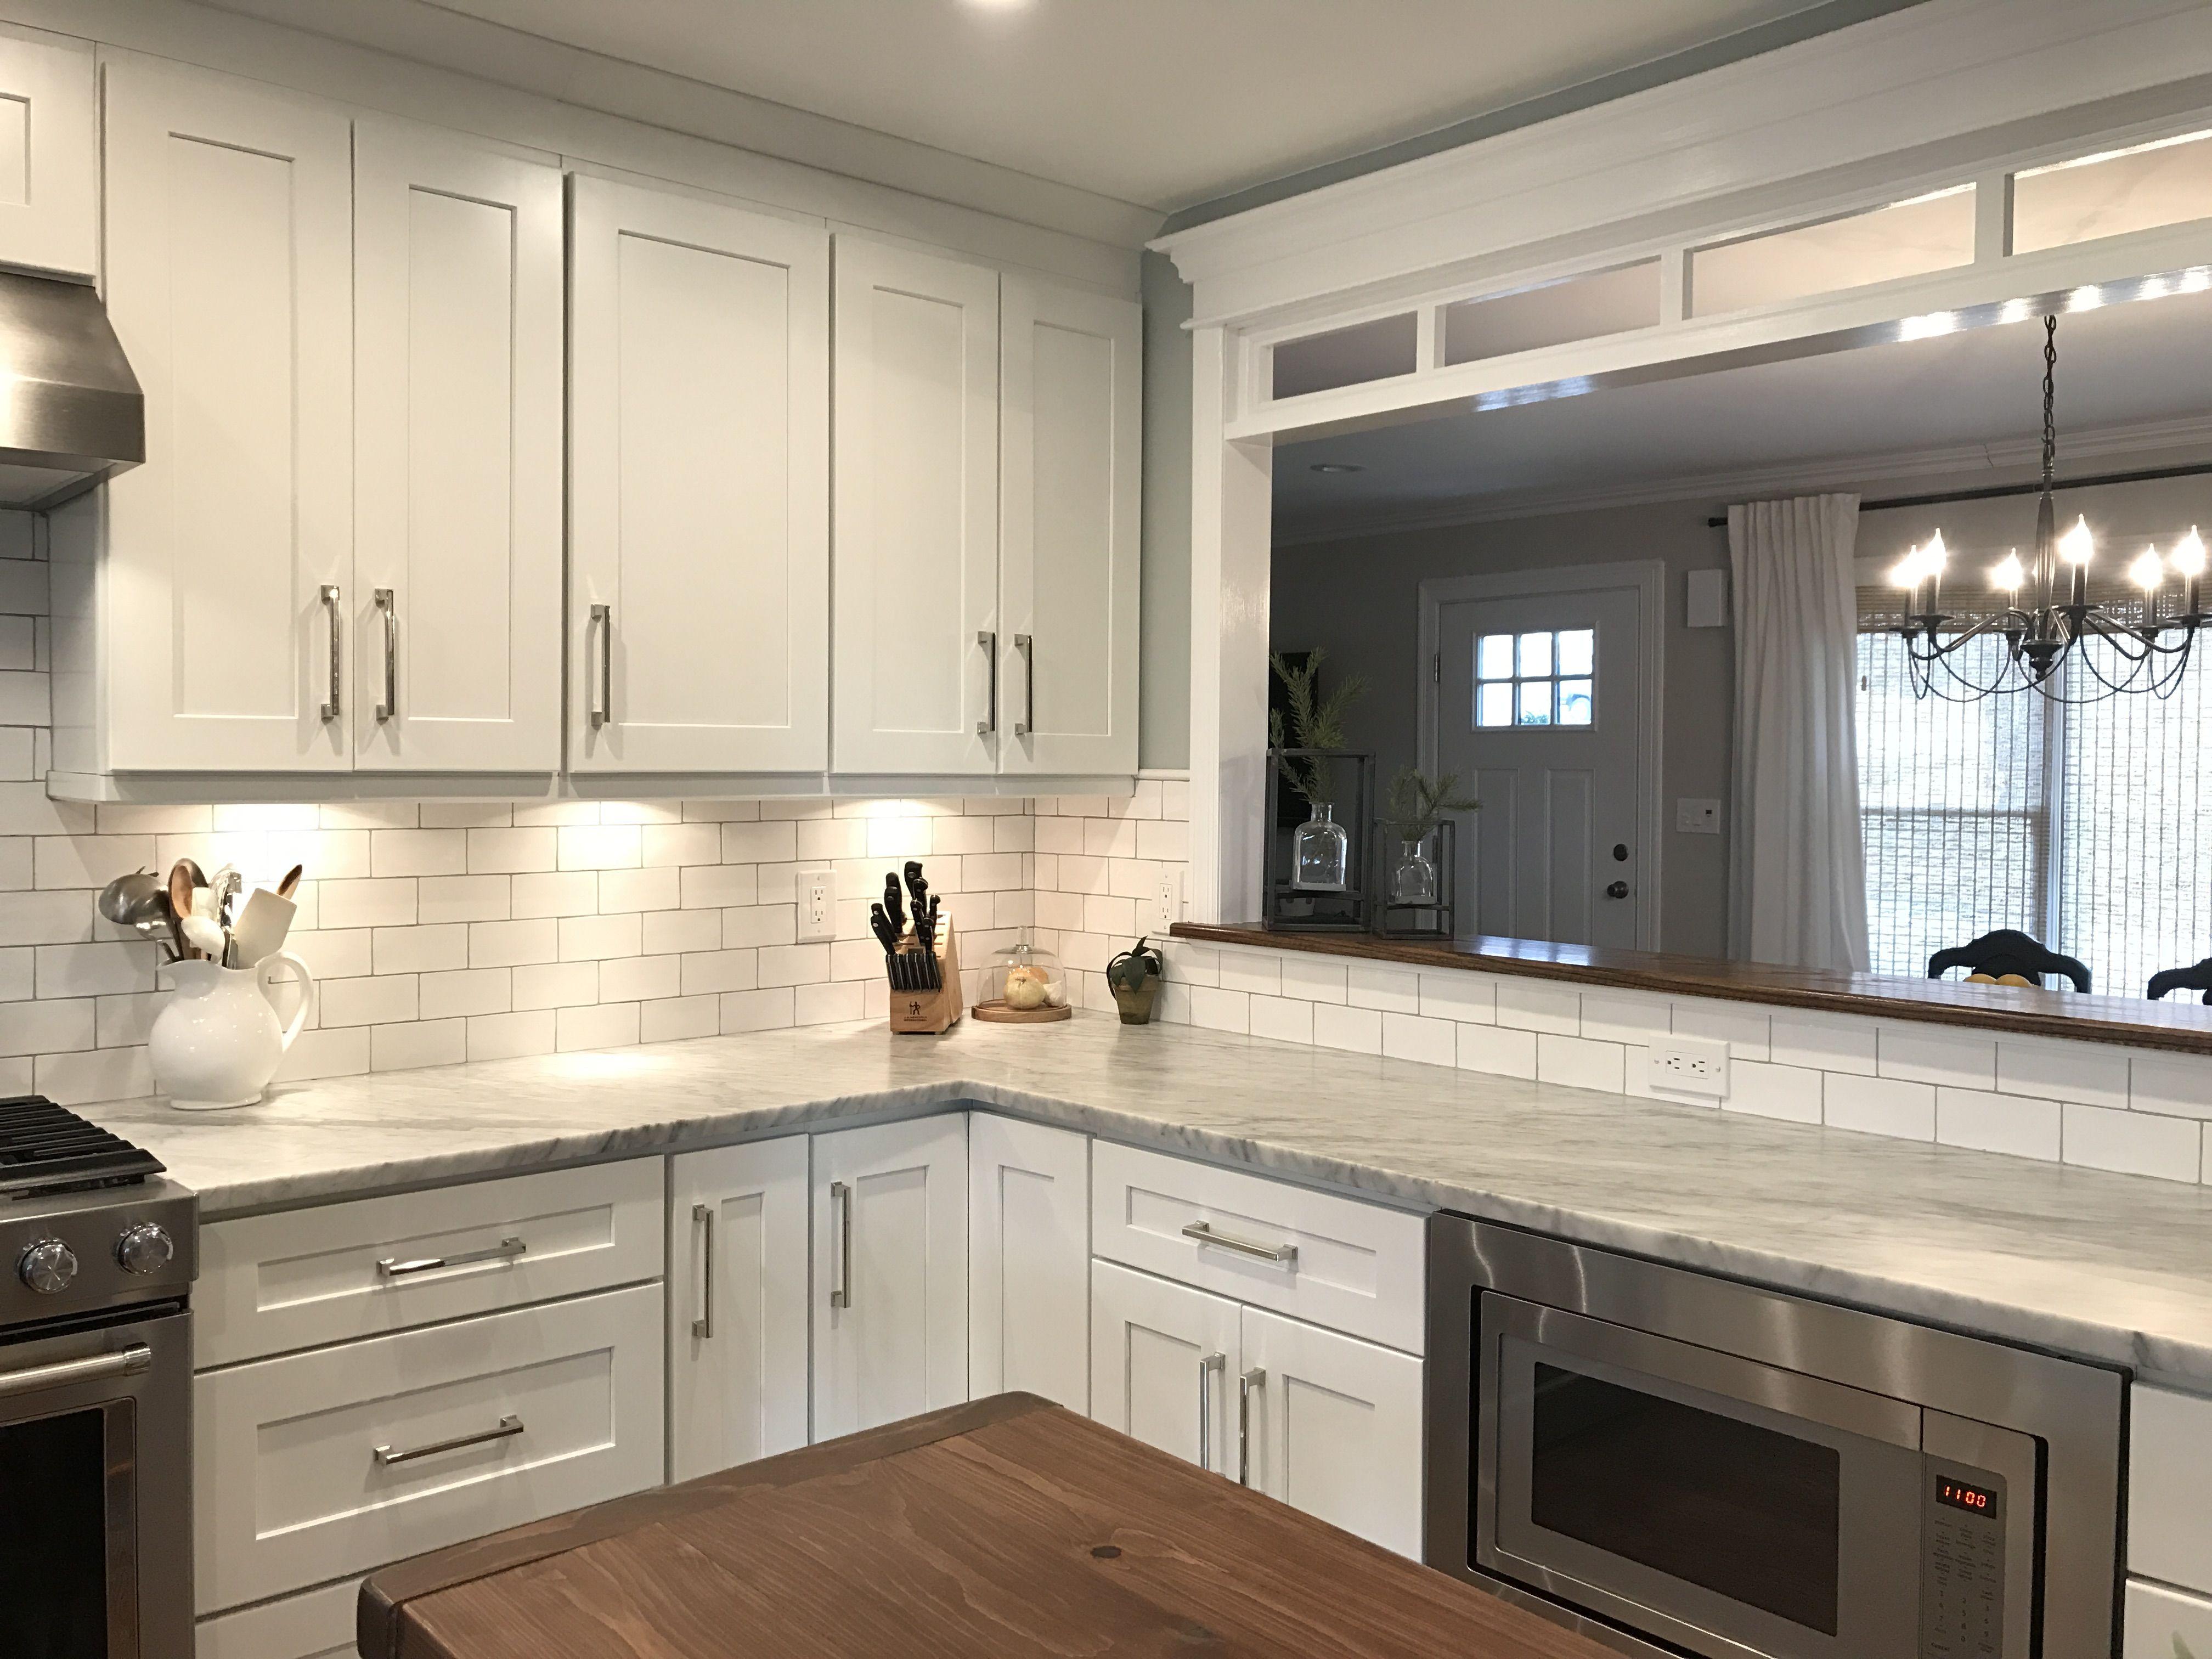 Faux Transom In Kitchen Pass Through Kitchen Remodel Small Kitchen Remodel Kitchen Redo